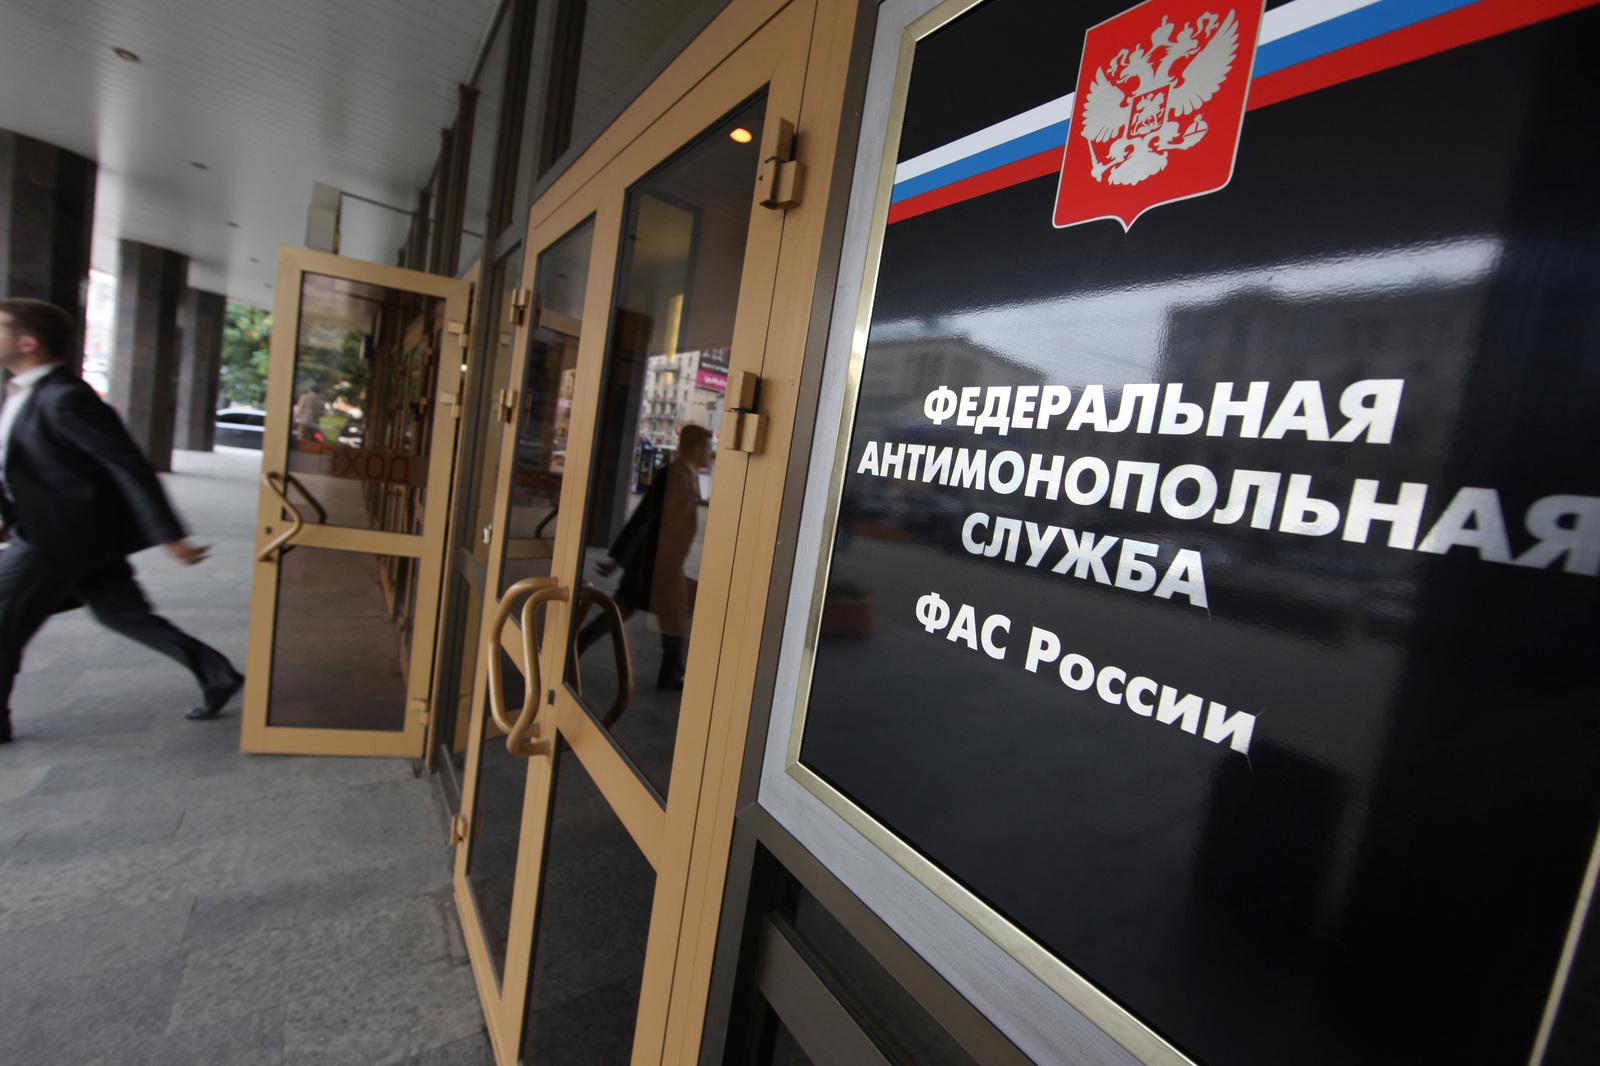 Чиновники из ФАС выбрали оператора налога на товары, купленные россиянами за границей